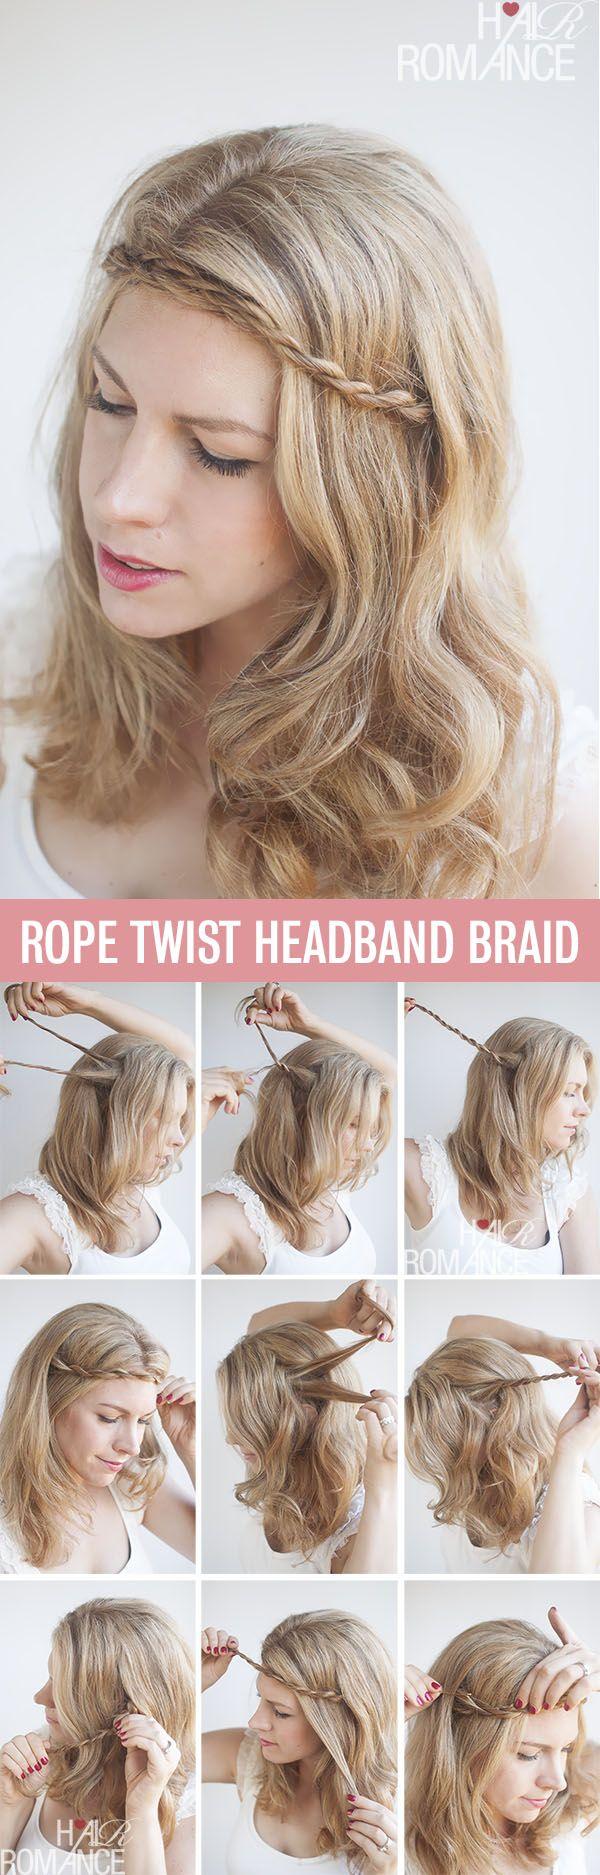 Best 25+ Braid Headband Tutorial Ideas On Pinterest  Braid Headband,  Braided Headband Tutorial And Front Braid Tutorials